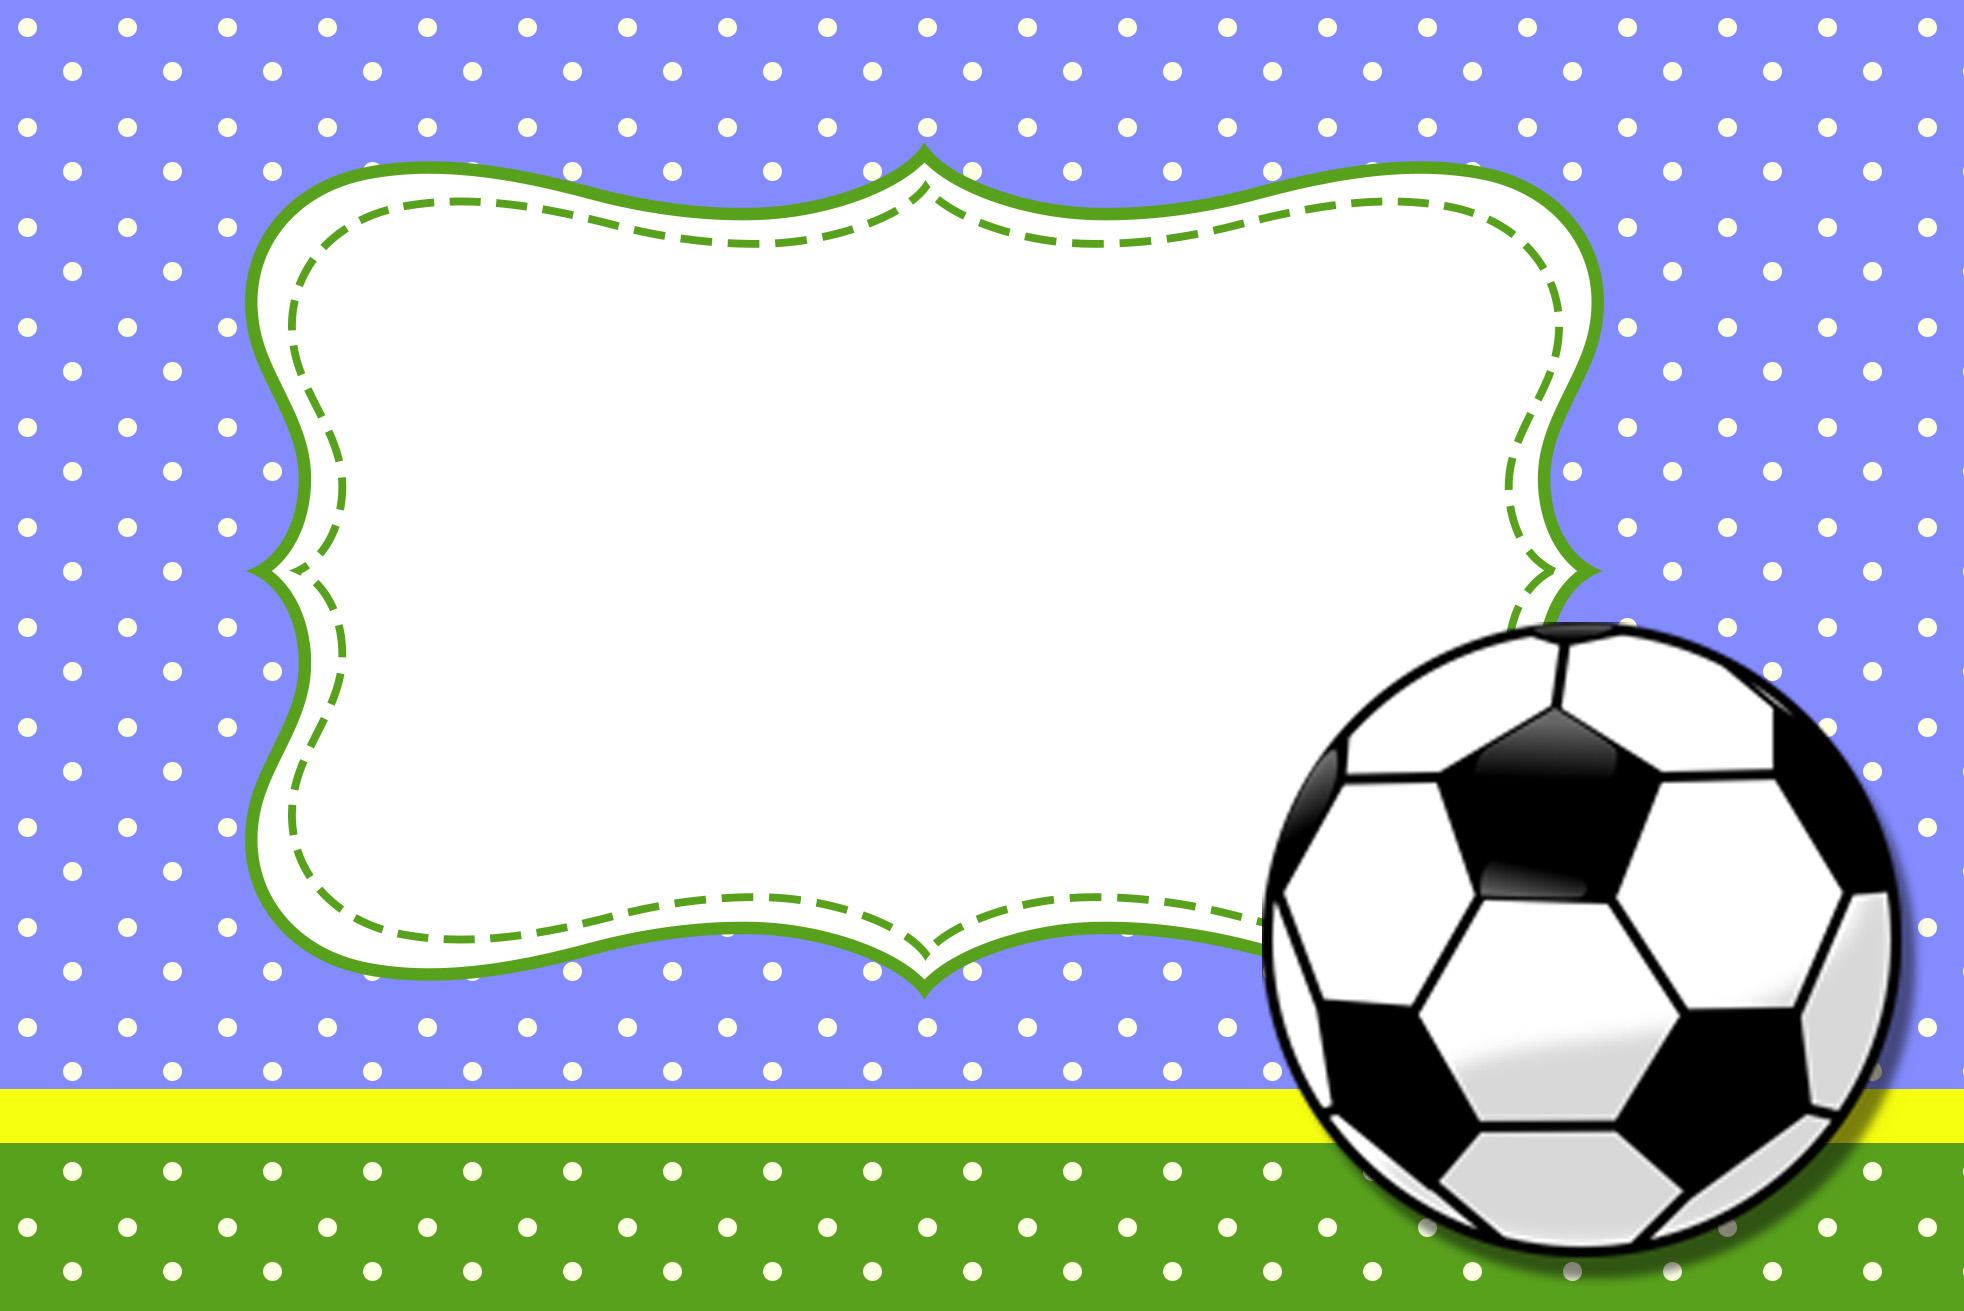 Moldura Convite e Cartão Futebol (Bola de Fubebol)  706877d23d6f0